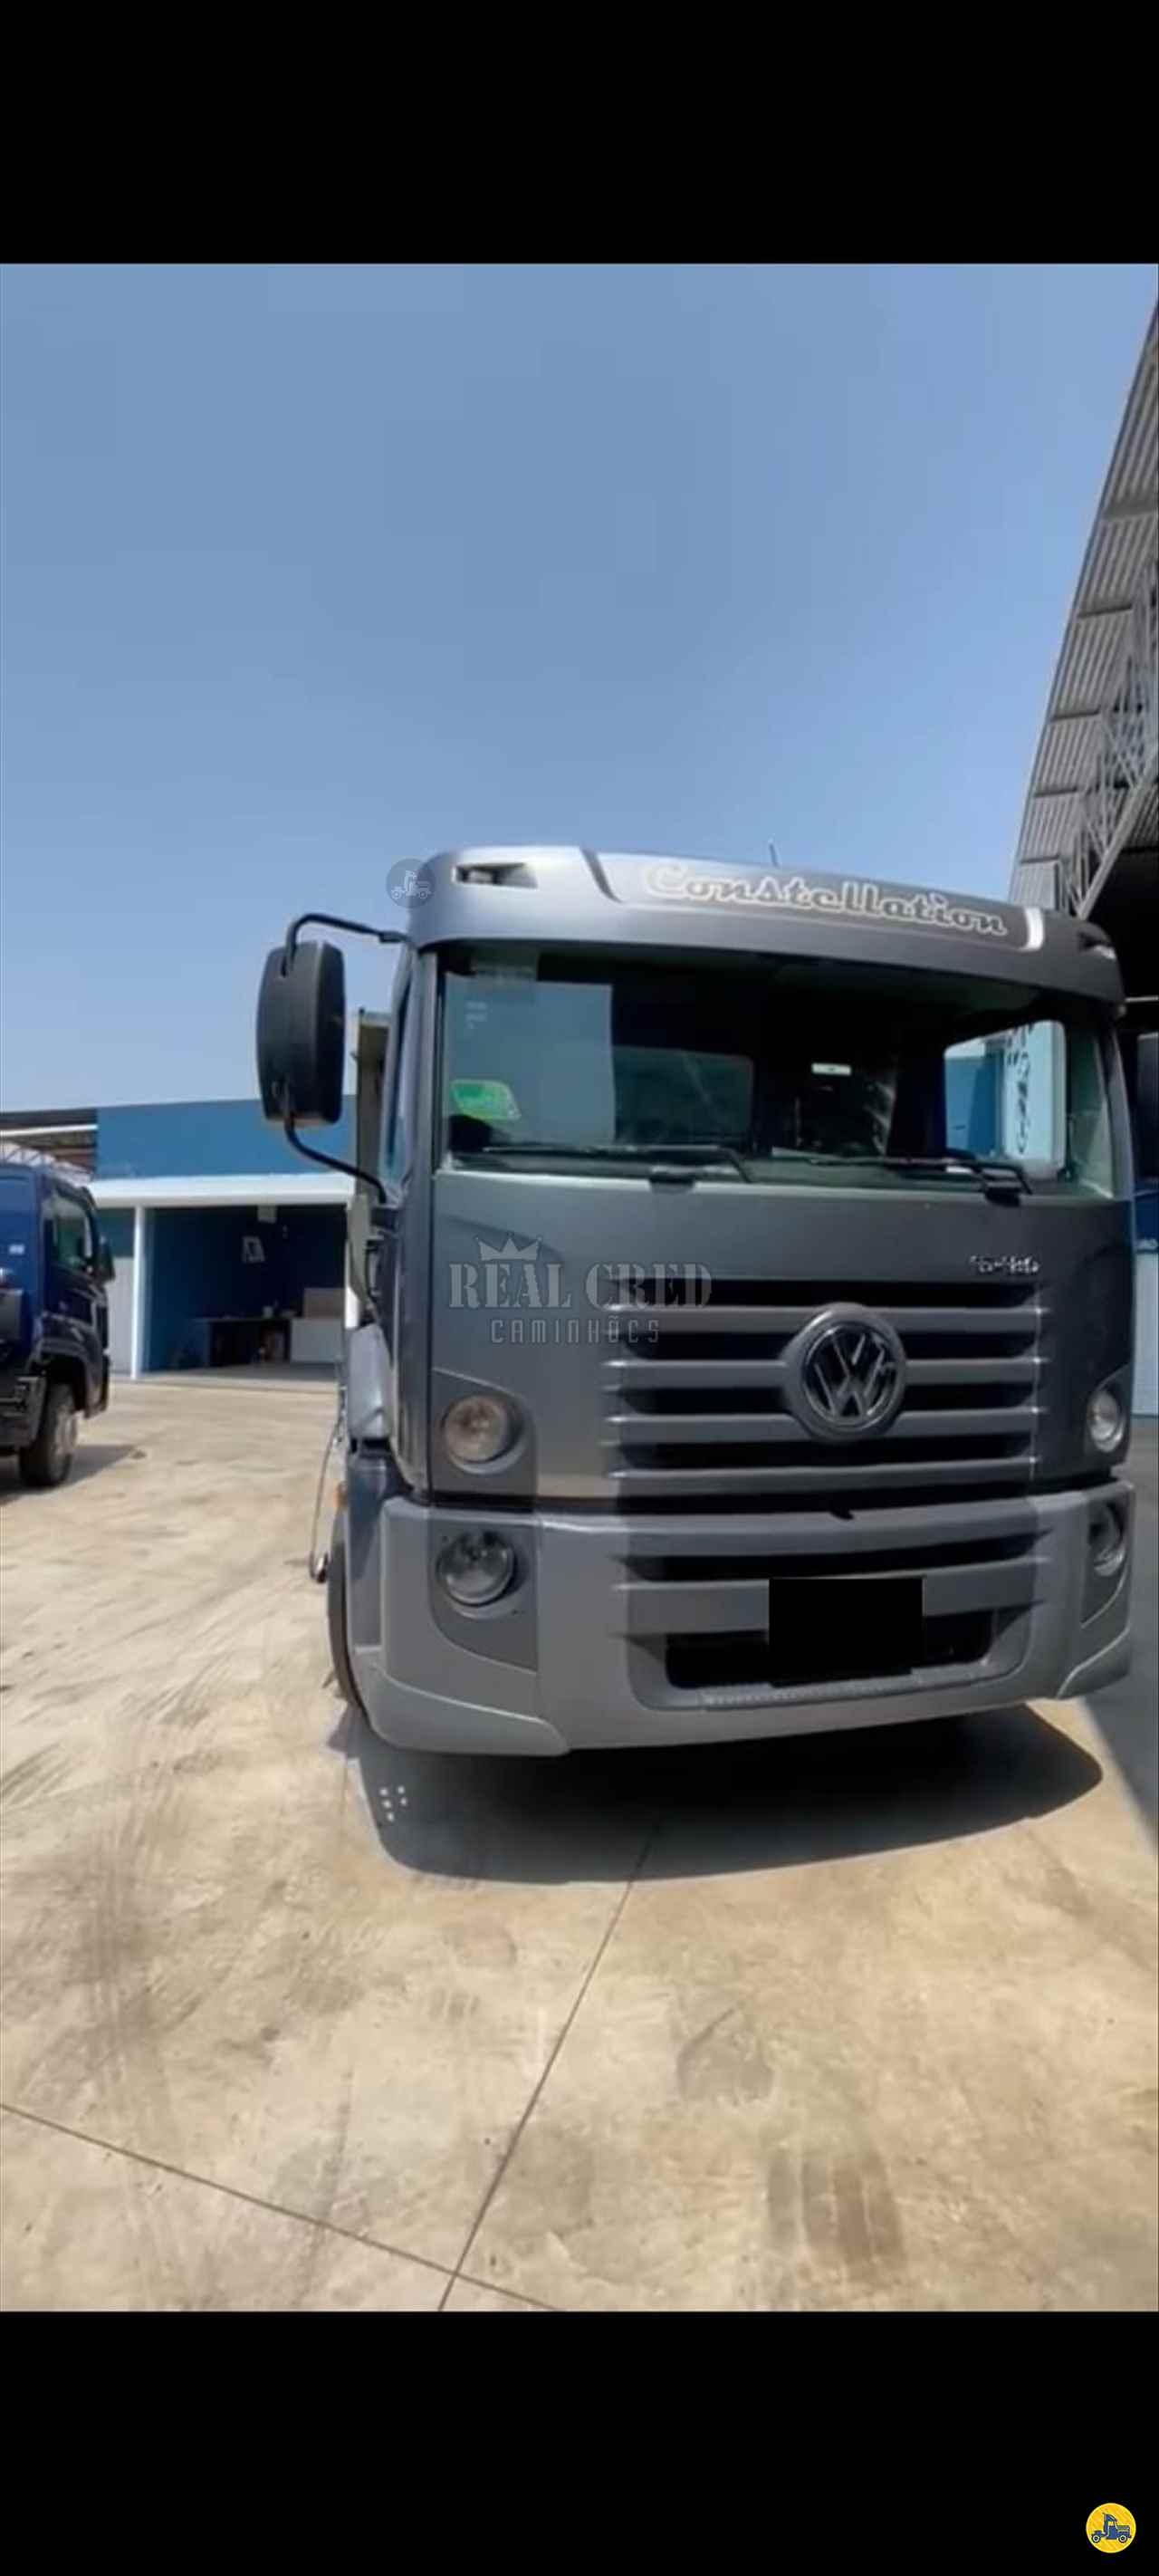 CAMINHAO VOLKSWAGEN VW 15180 Caçamba Basculante Toco 4x2 Real Cred Caminhões PIEDADE SÃO PAULO SP